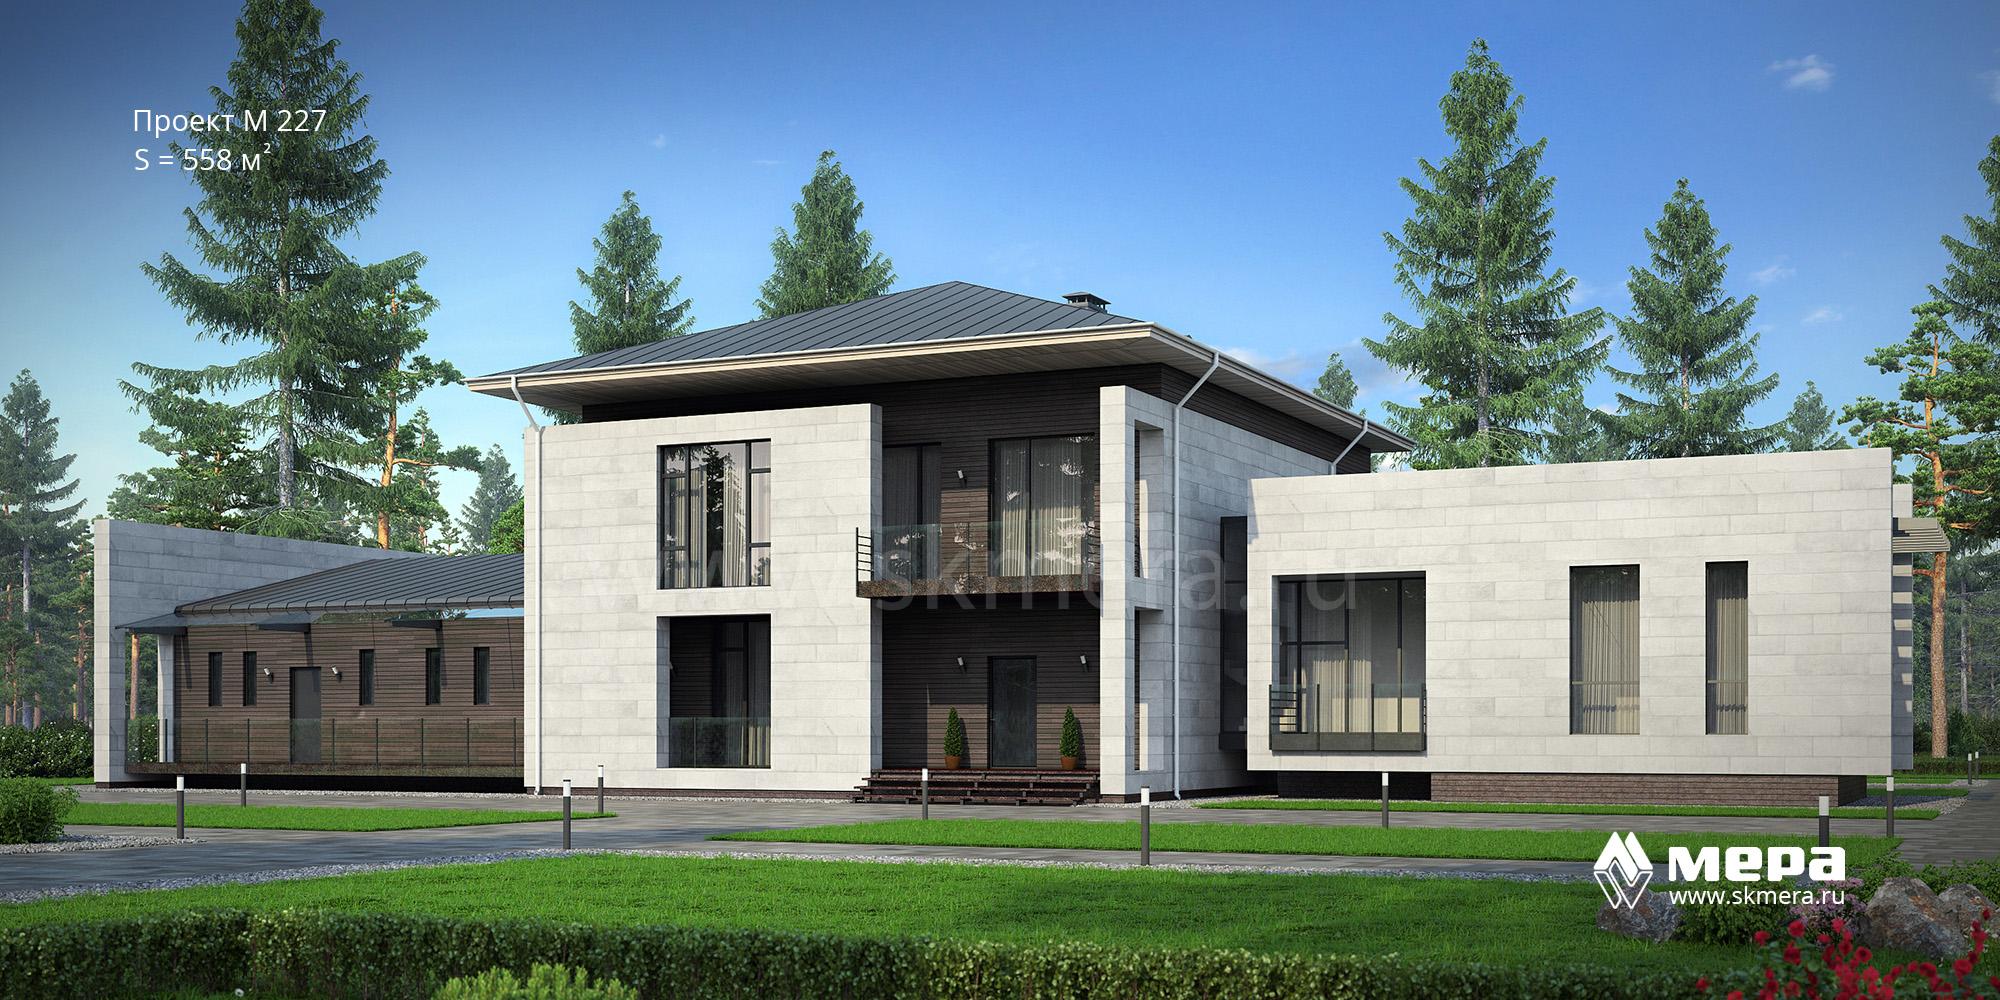 Проект дома в современном стиле в СПб